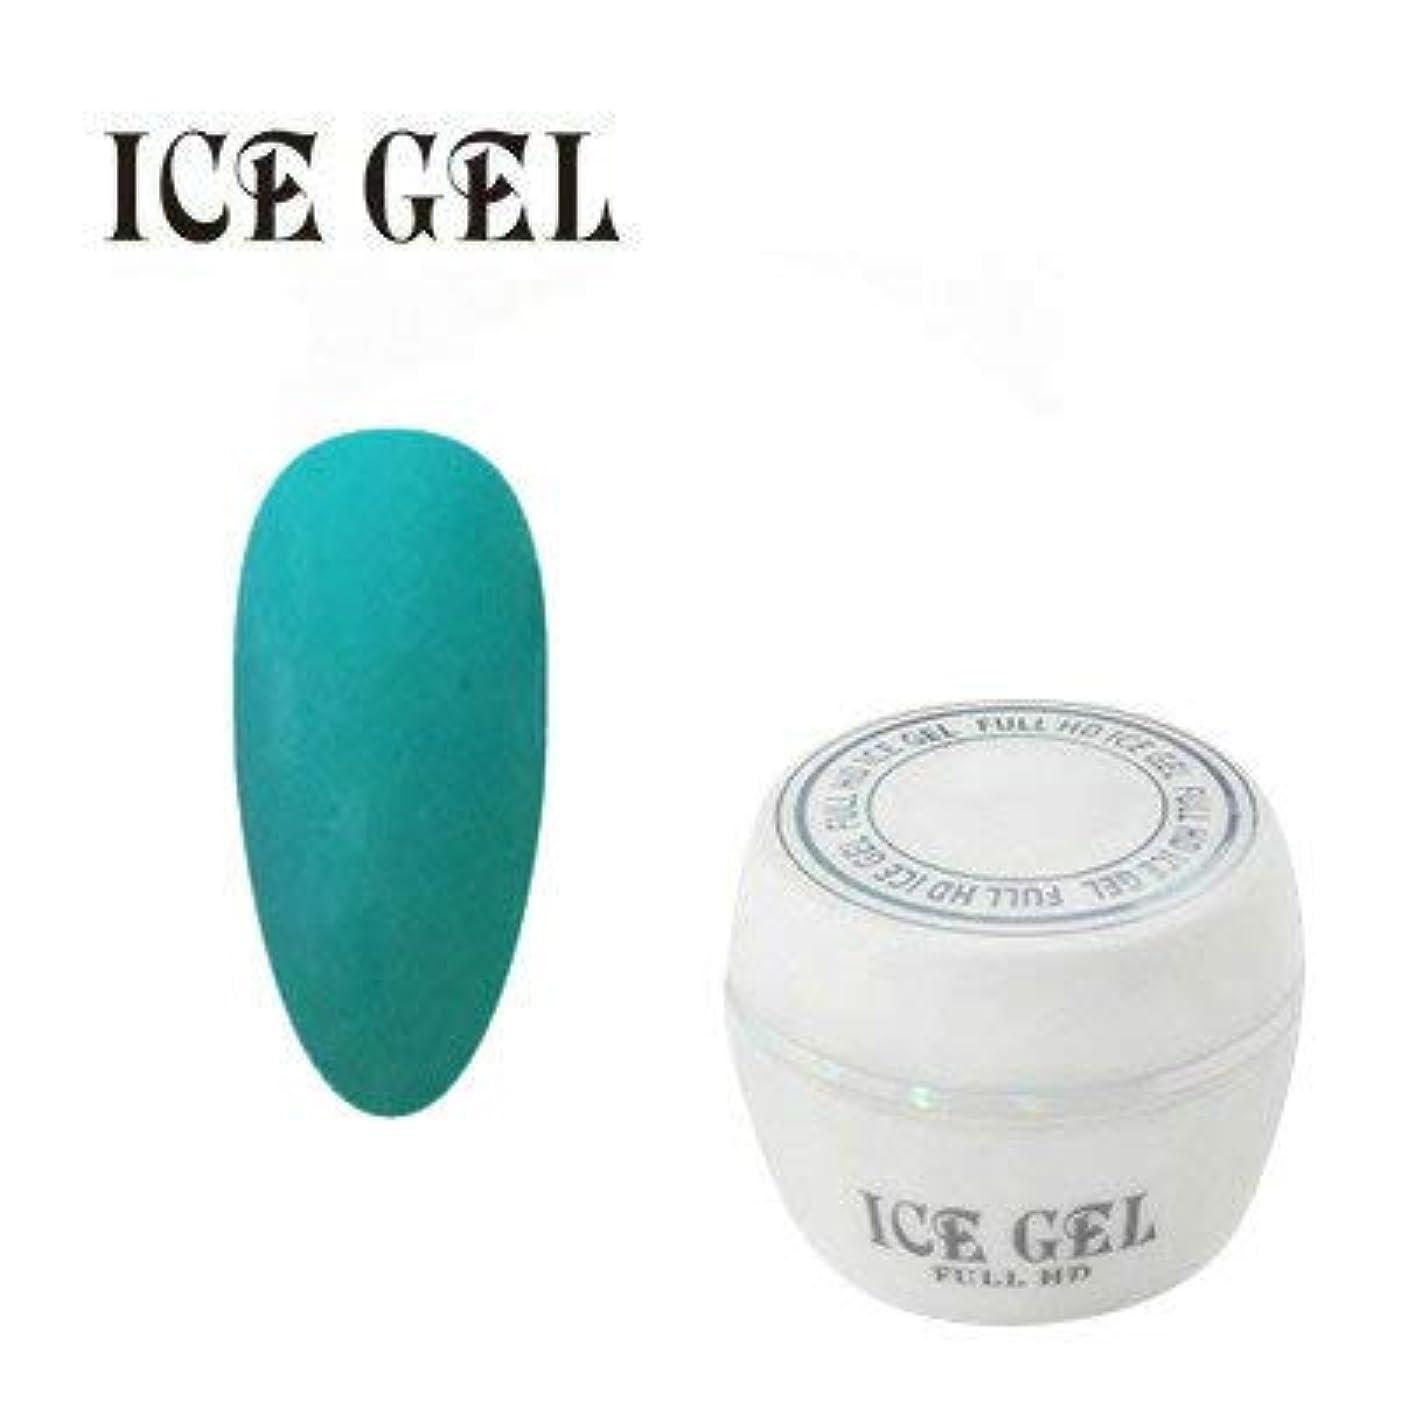 洗剤本質的にの量アイスジェル カラージェル COLOR TRICK CT-627 3g